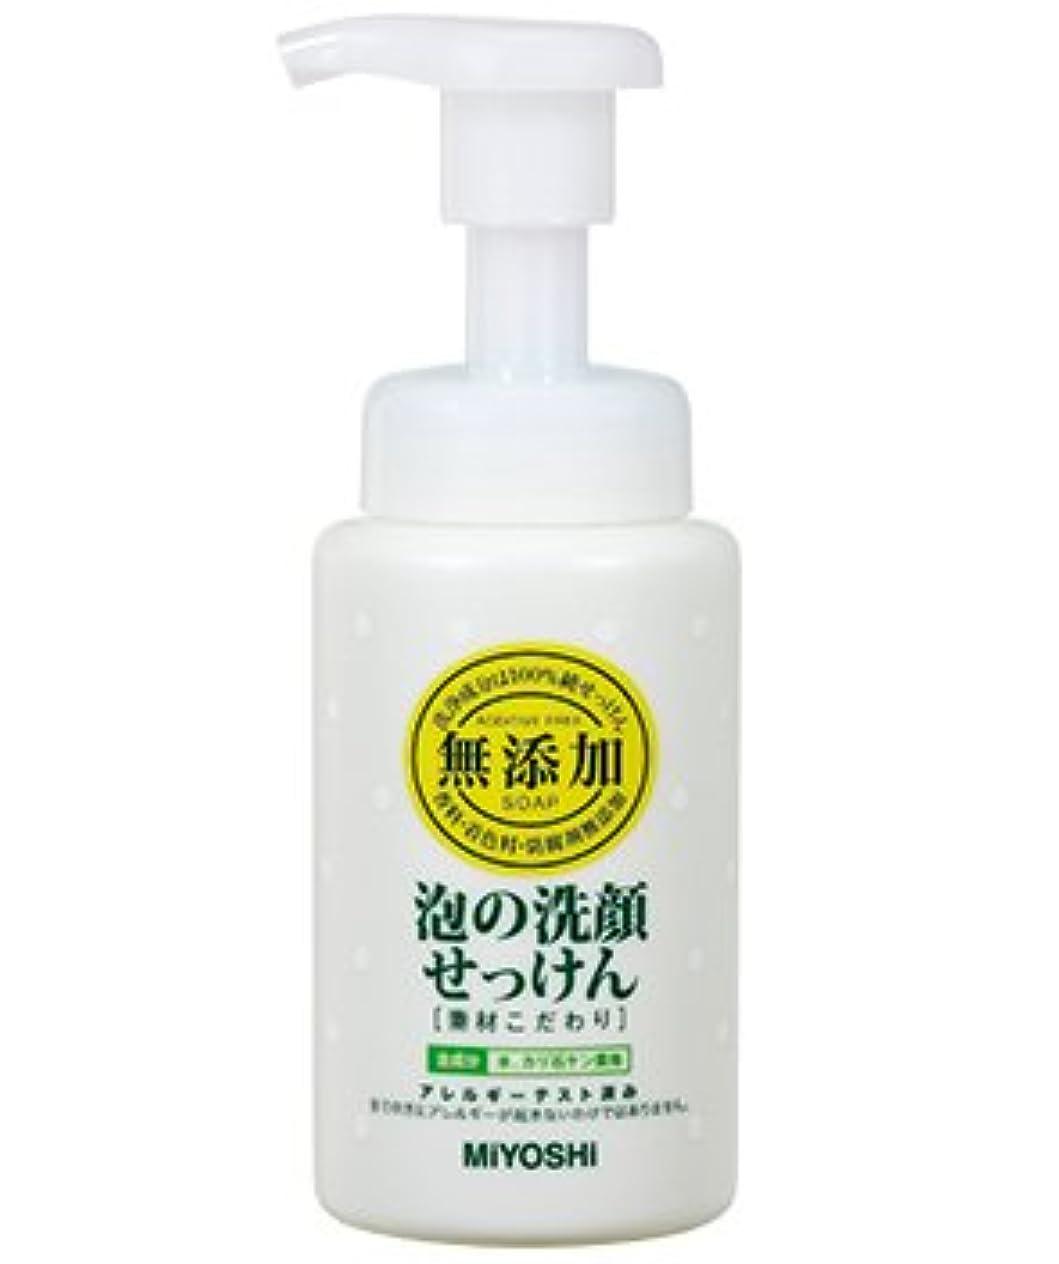 火曜日クリック五ミヨシ石鹸 無添加 泡の洗顔せっけん 200ml 合成界面活性剤はもちろん、香料、着色料、防腐剤などは一切加えていません×24点セット (4537130102022)